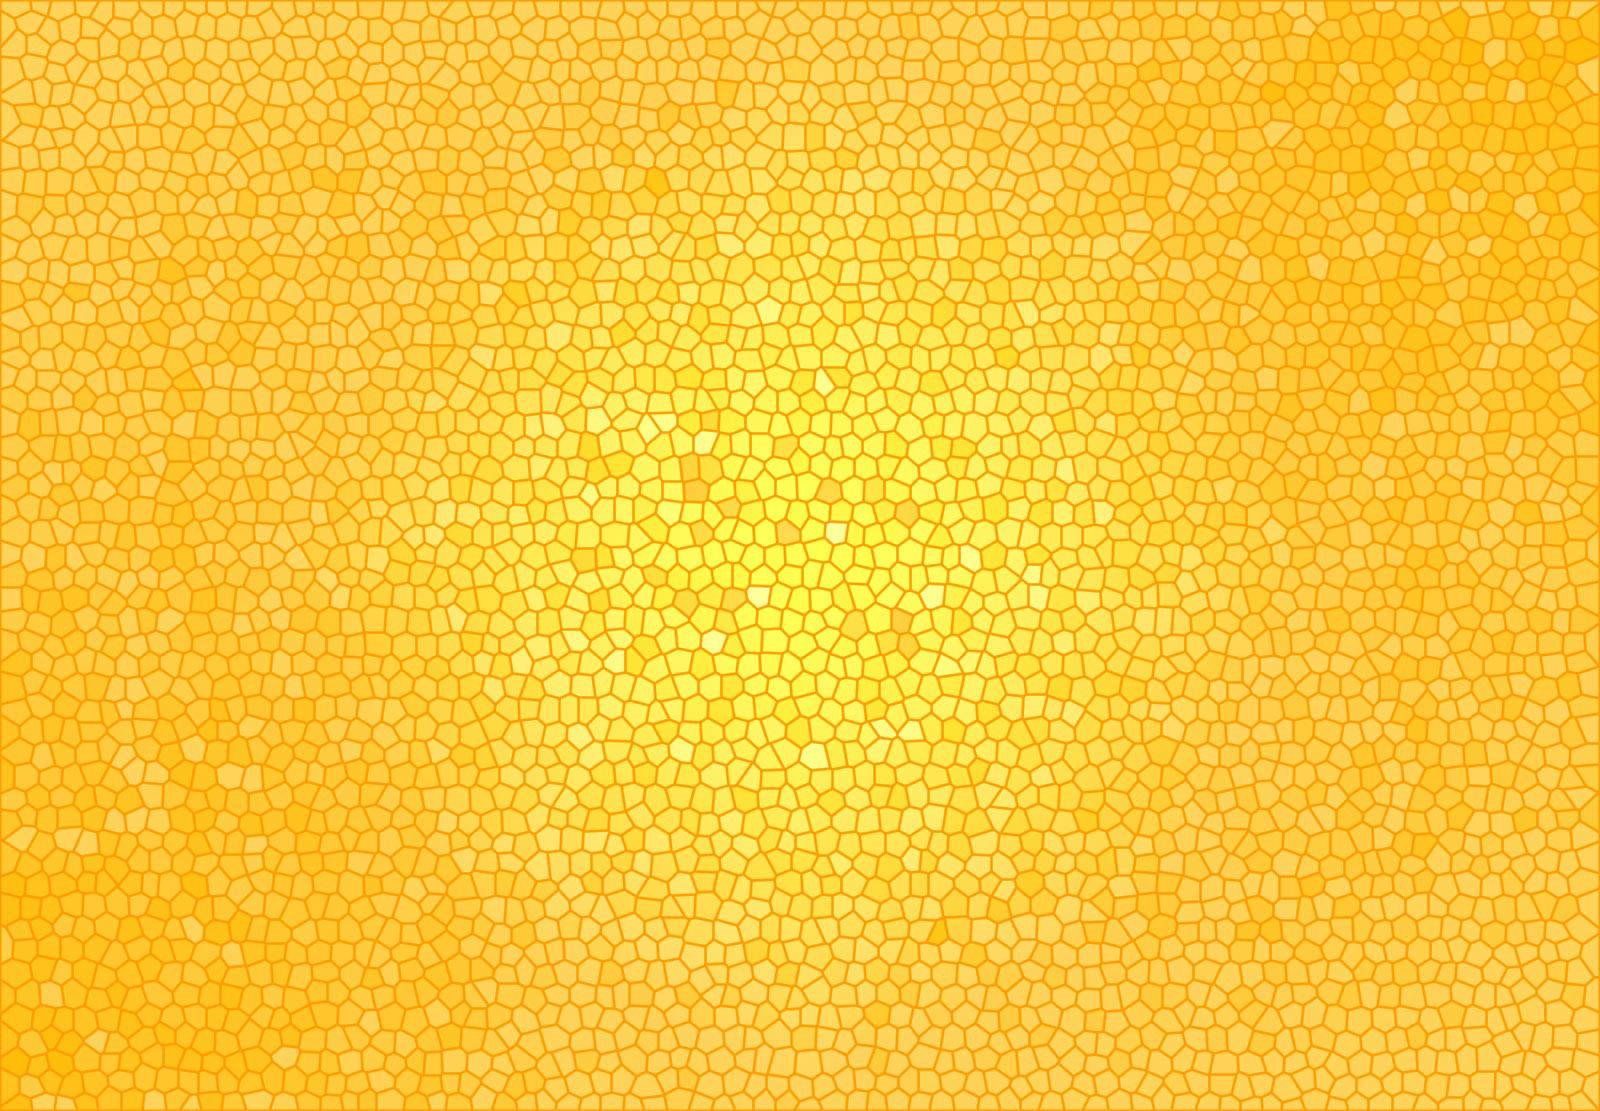 Vidriera de colores naranjas y dorados